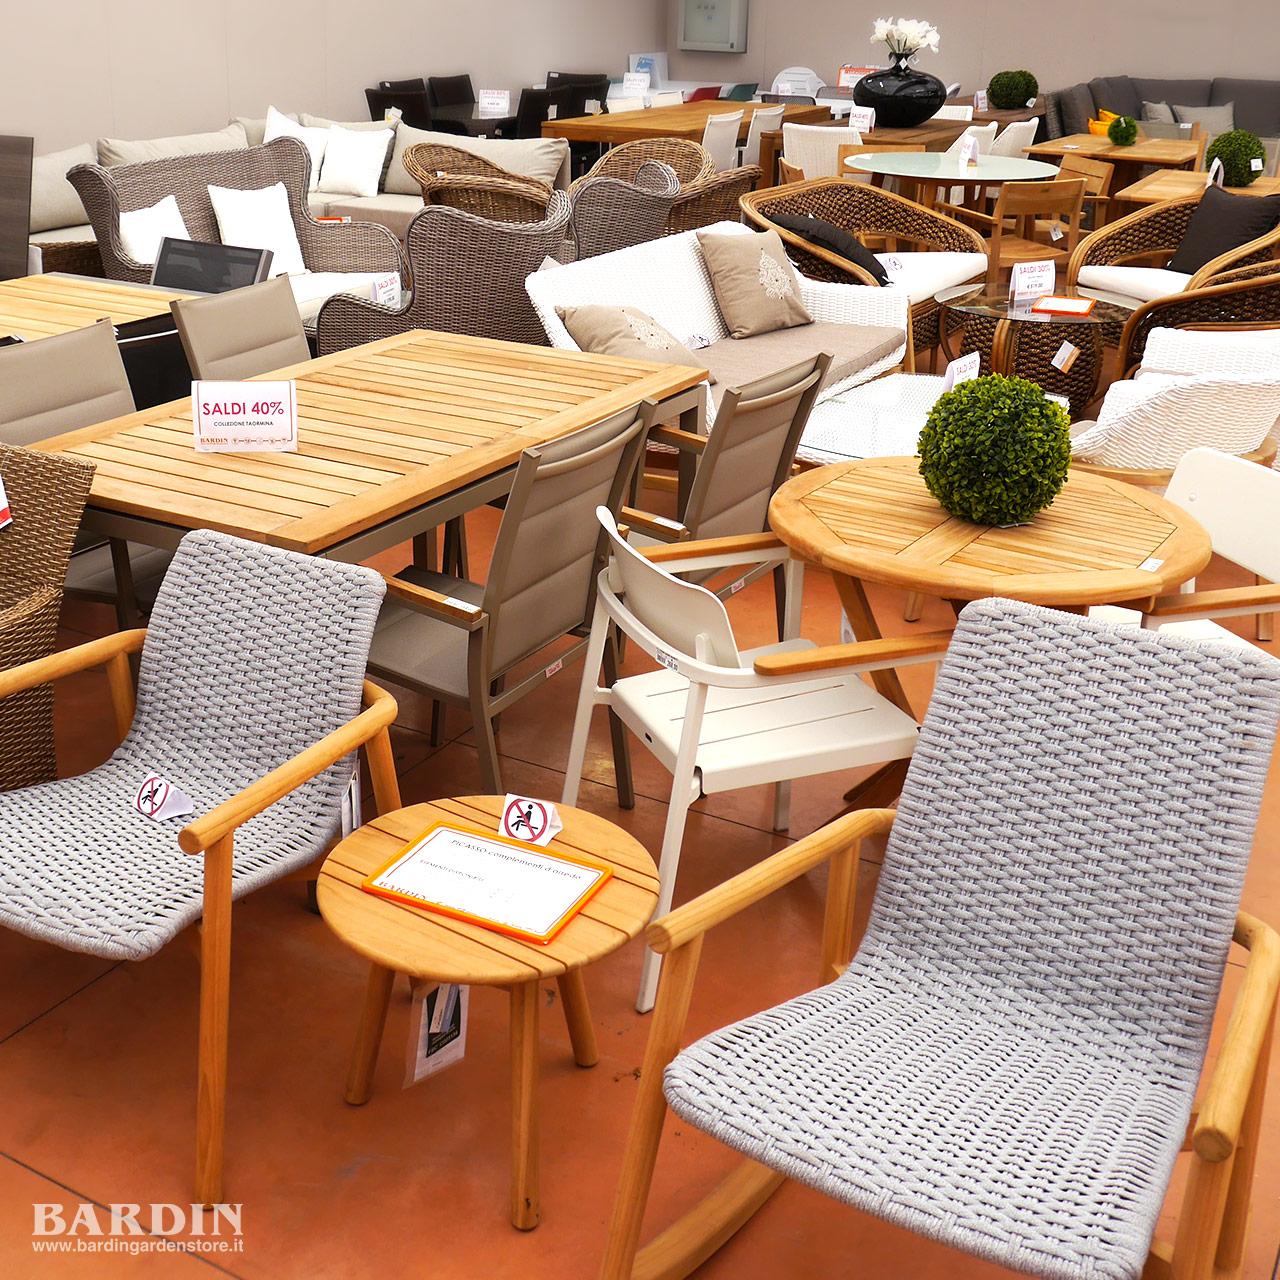 sedie e tavoli produzione e ingrosso in provincia di treviso